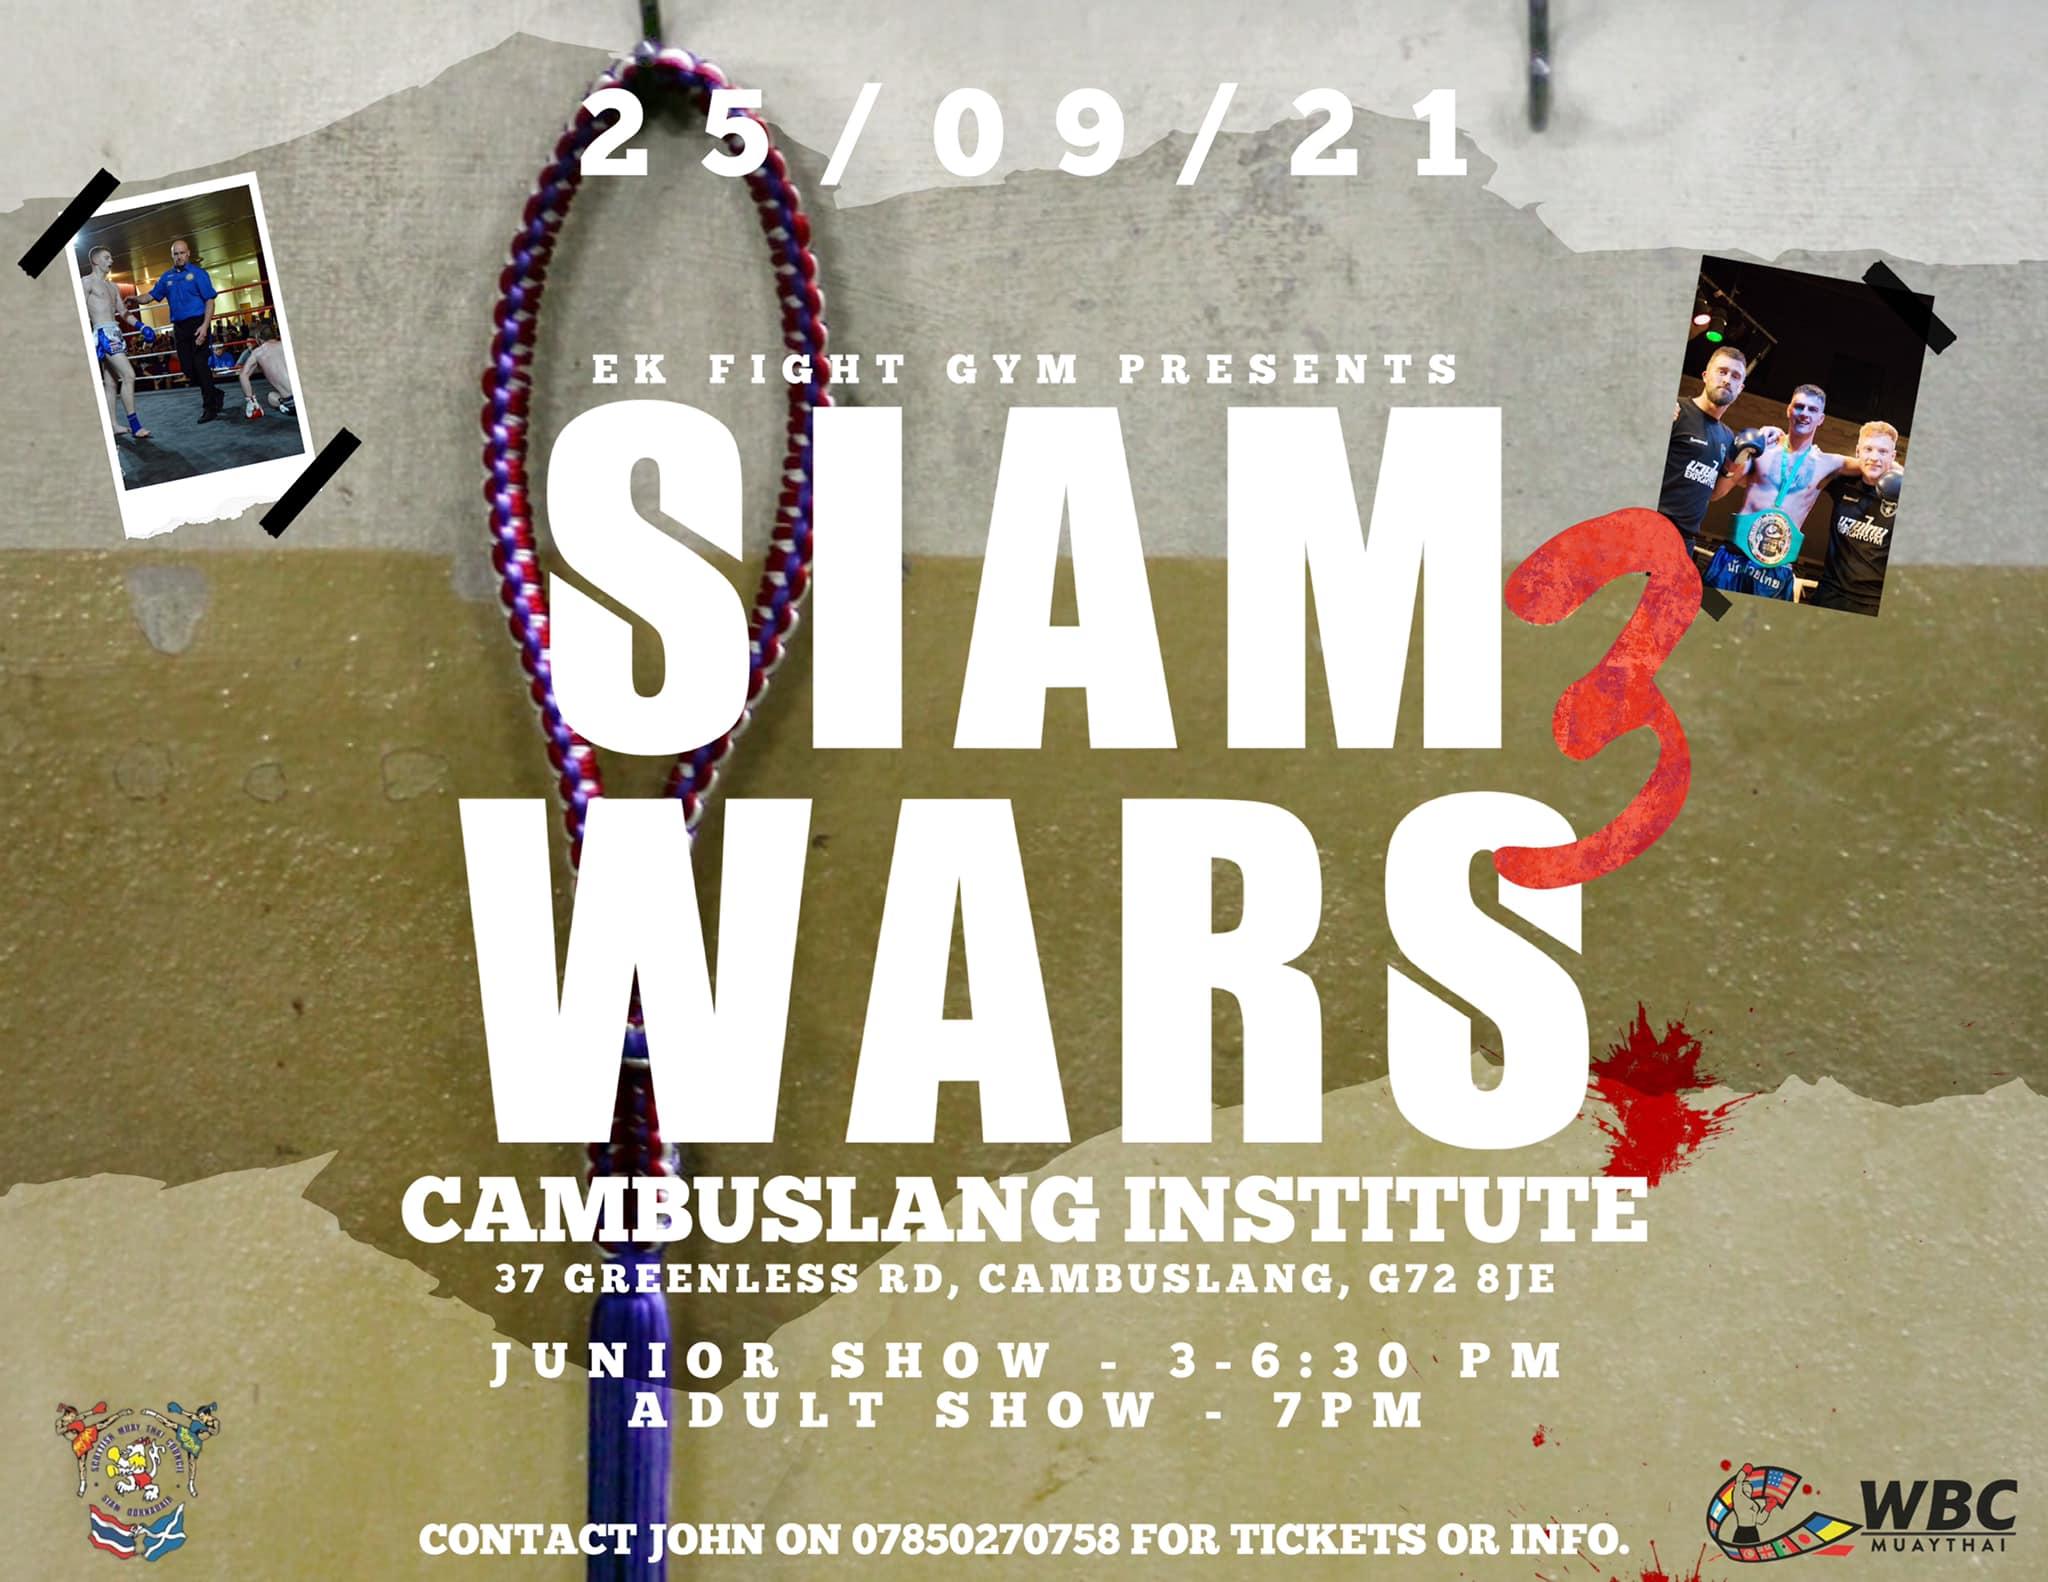 siam-wars-glasgow-3